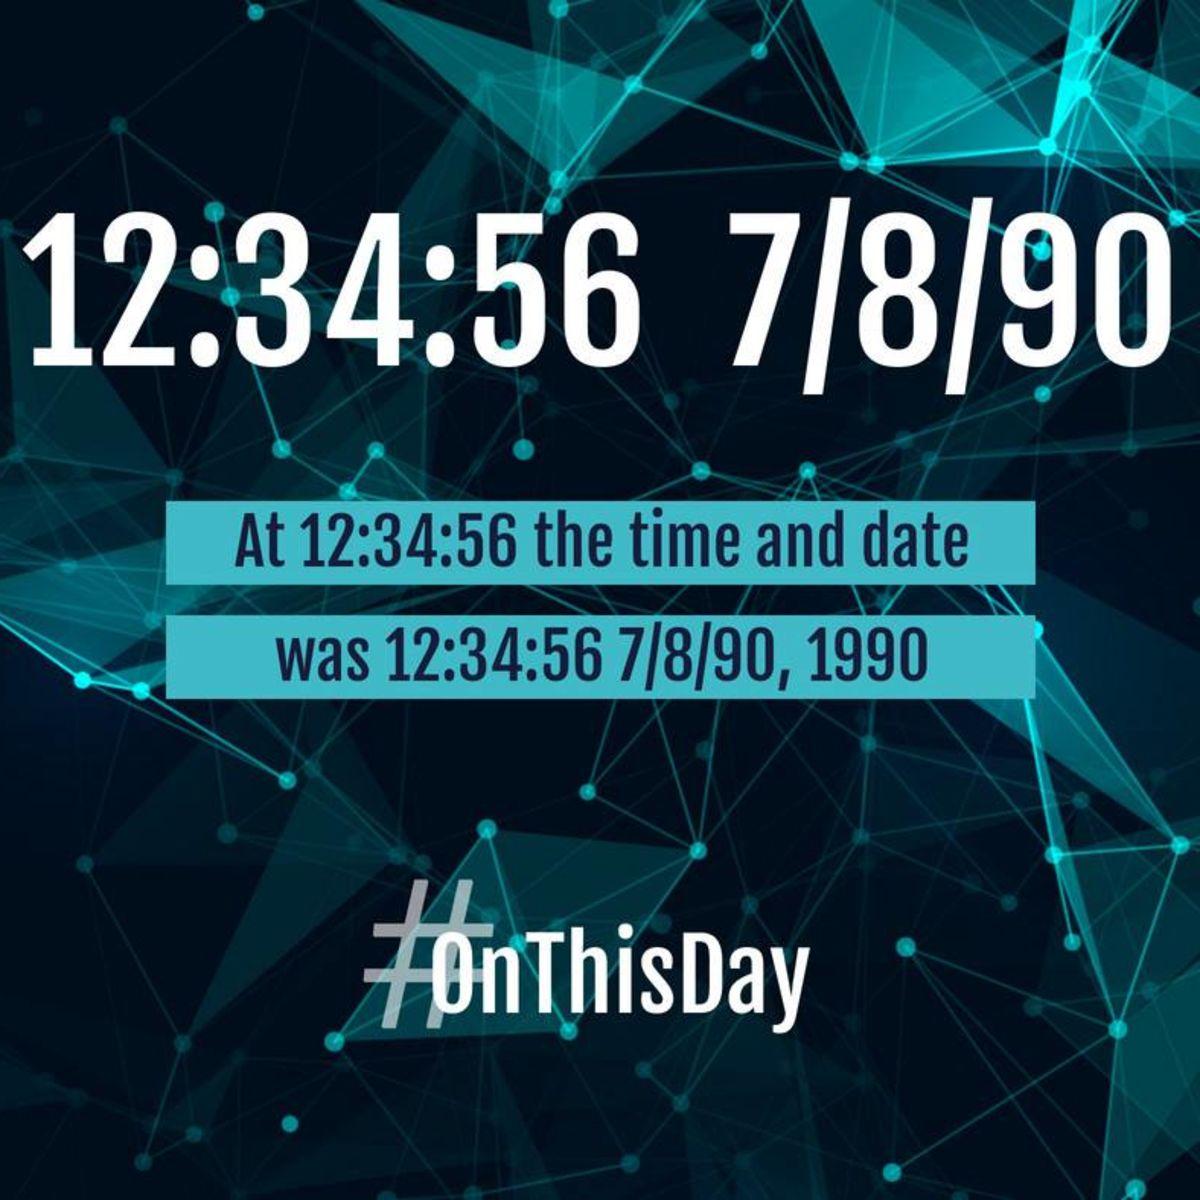 Date - 12:34:56 - 07/08/09